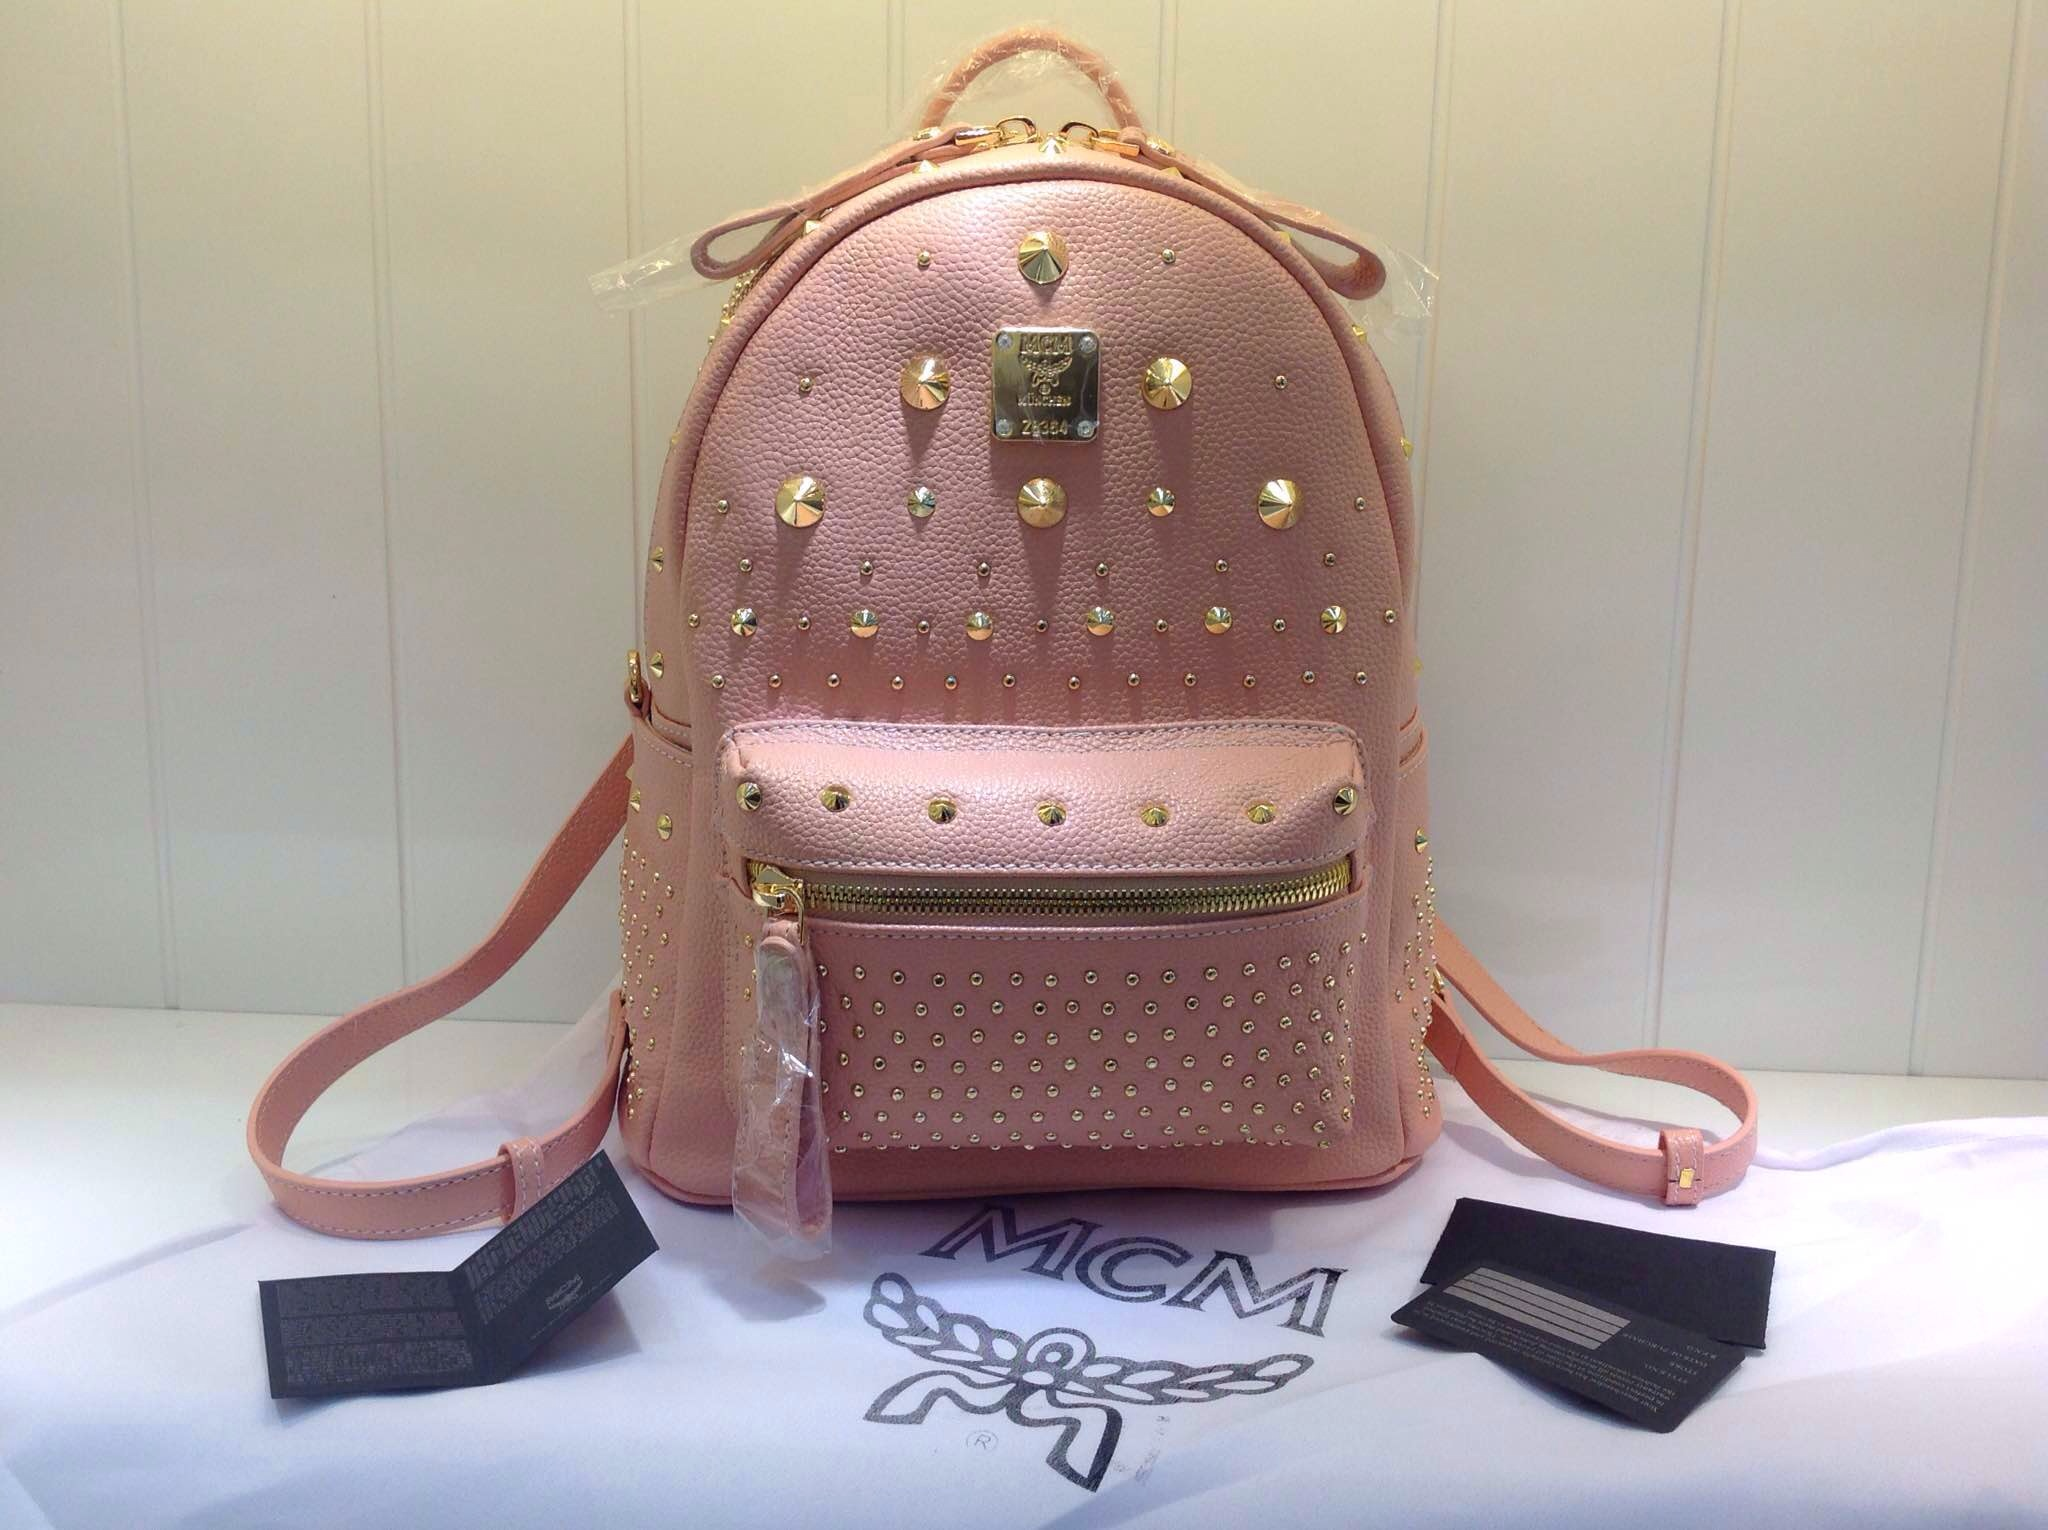 广州顶级货源 MCM双肩包斜挎包 少女粉色包包 高档包包批发